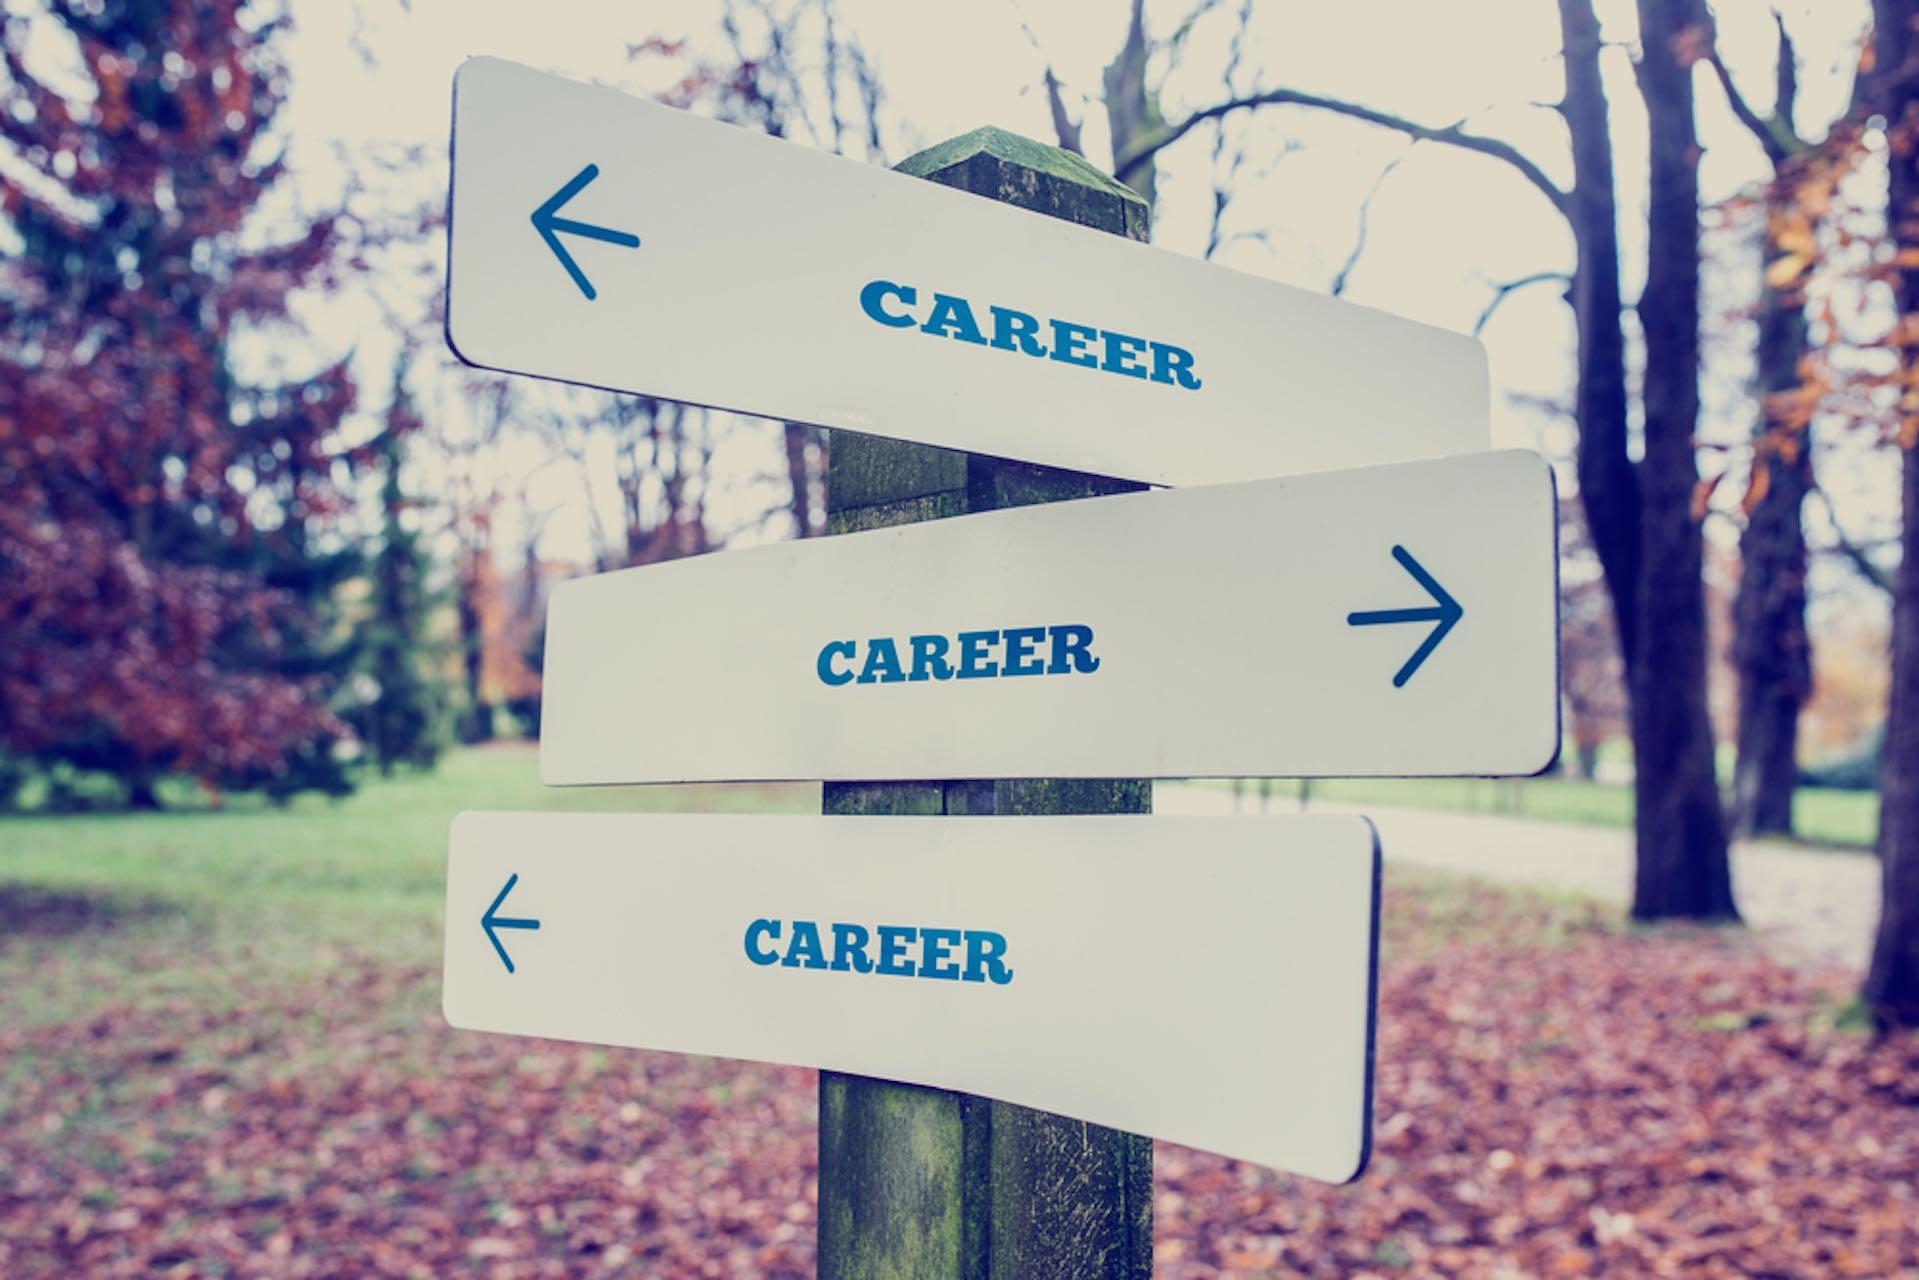 每個工作選擇都有機會成本,別讓未來的自己後悔